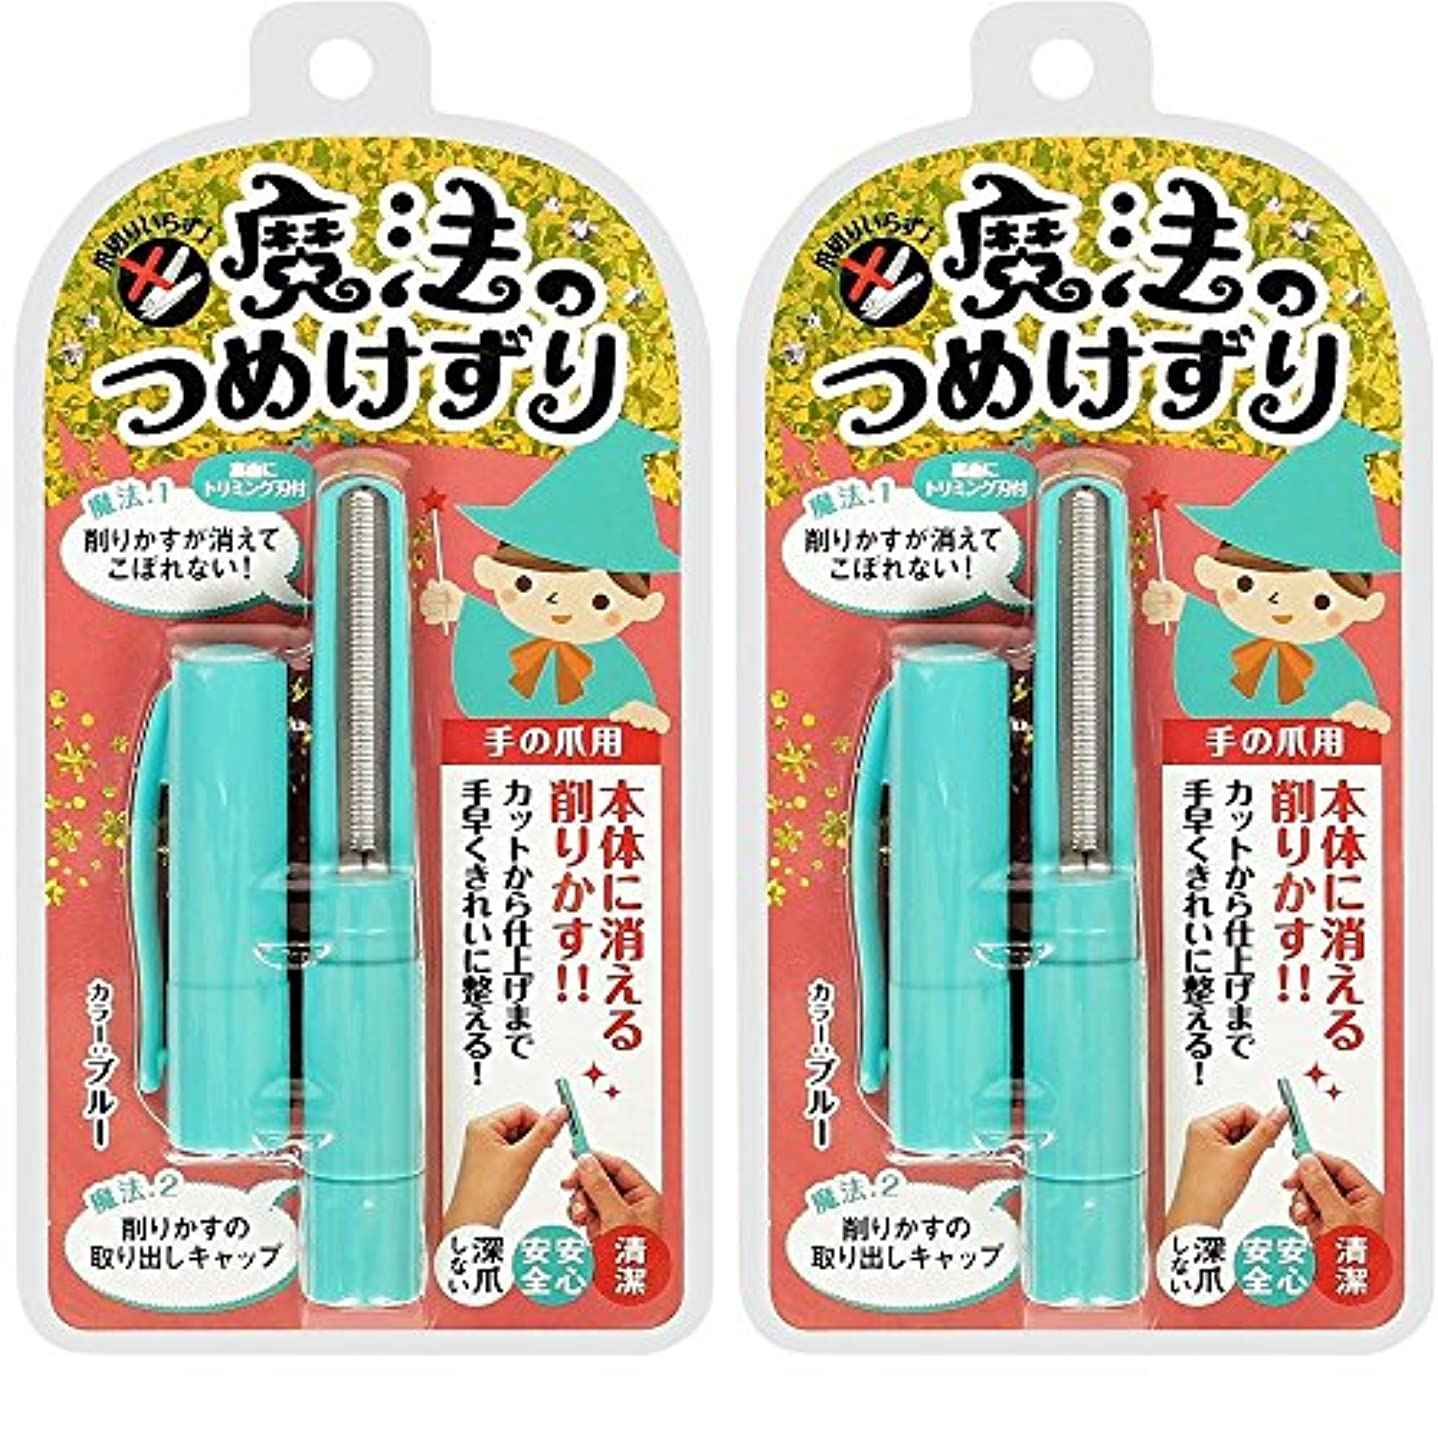 ダッシュ謙虚資本【セット品】松本金型 魔法のつめけずり MM-091 ブルー 2個